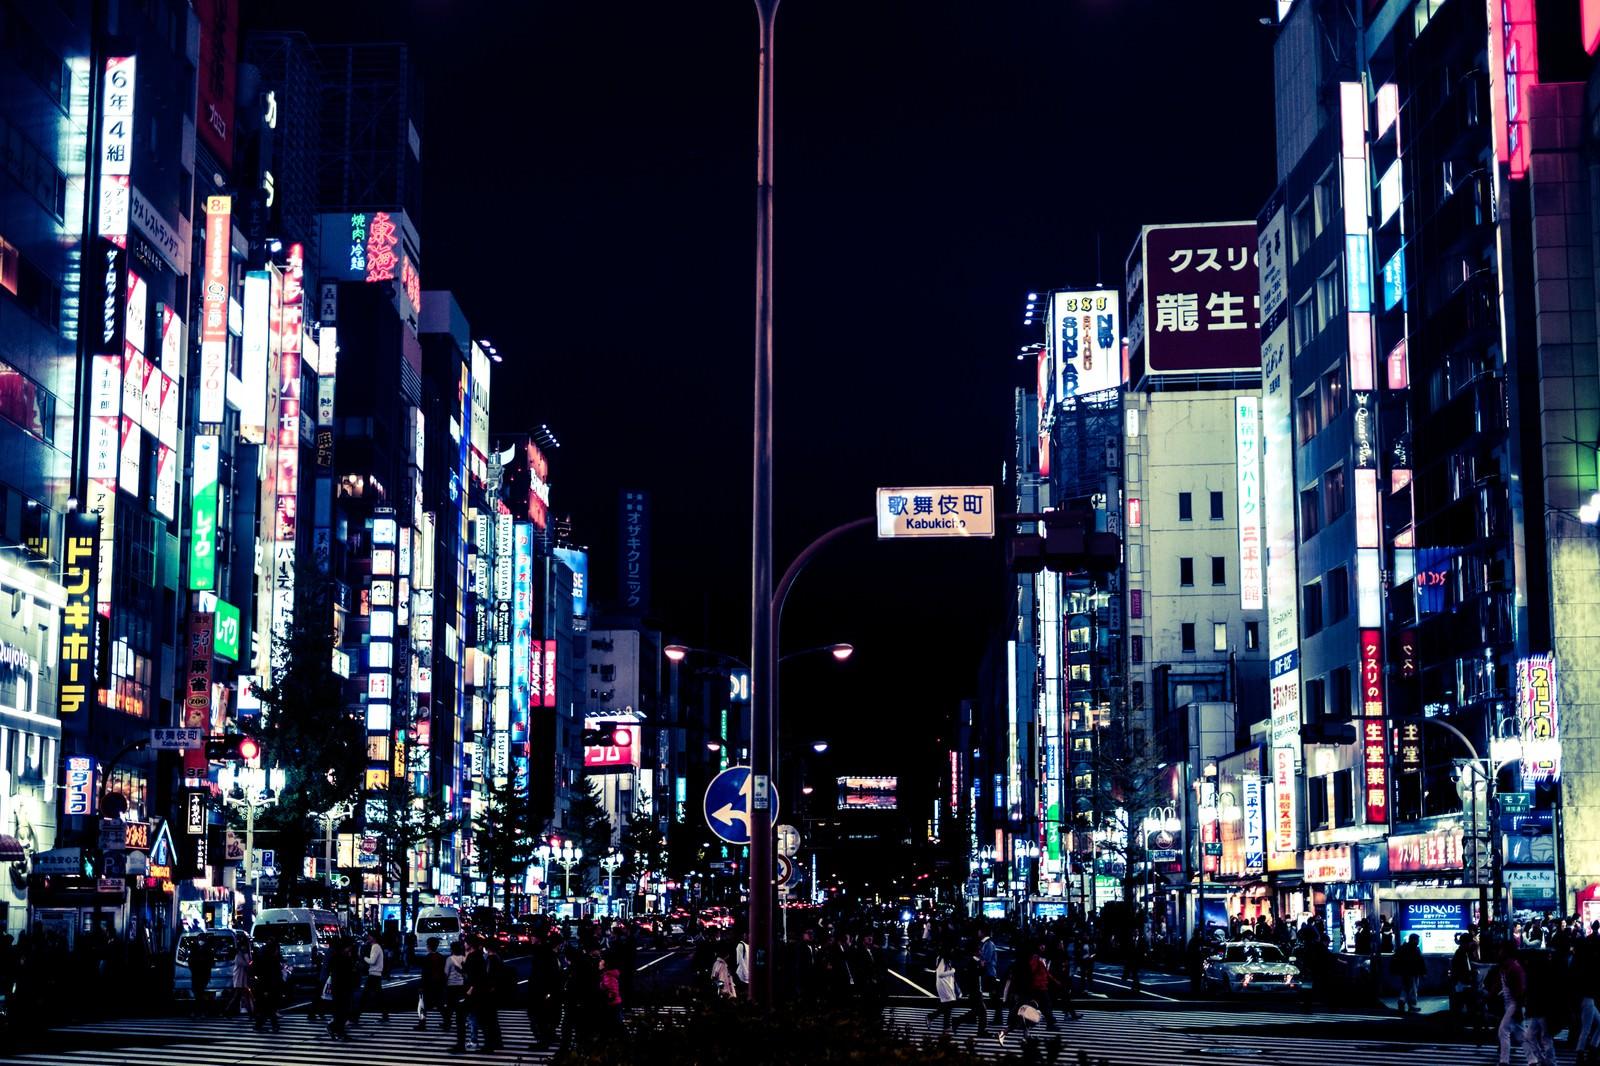 「眠らない街-歌舞伎町」の写真